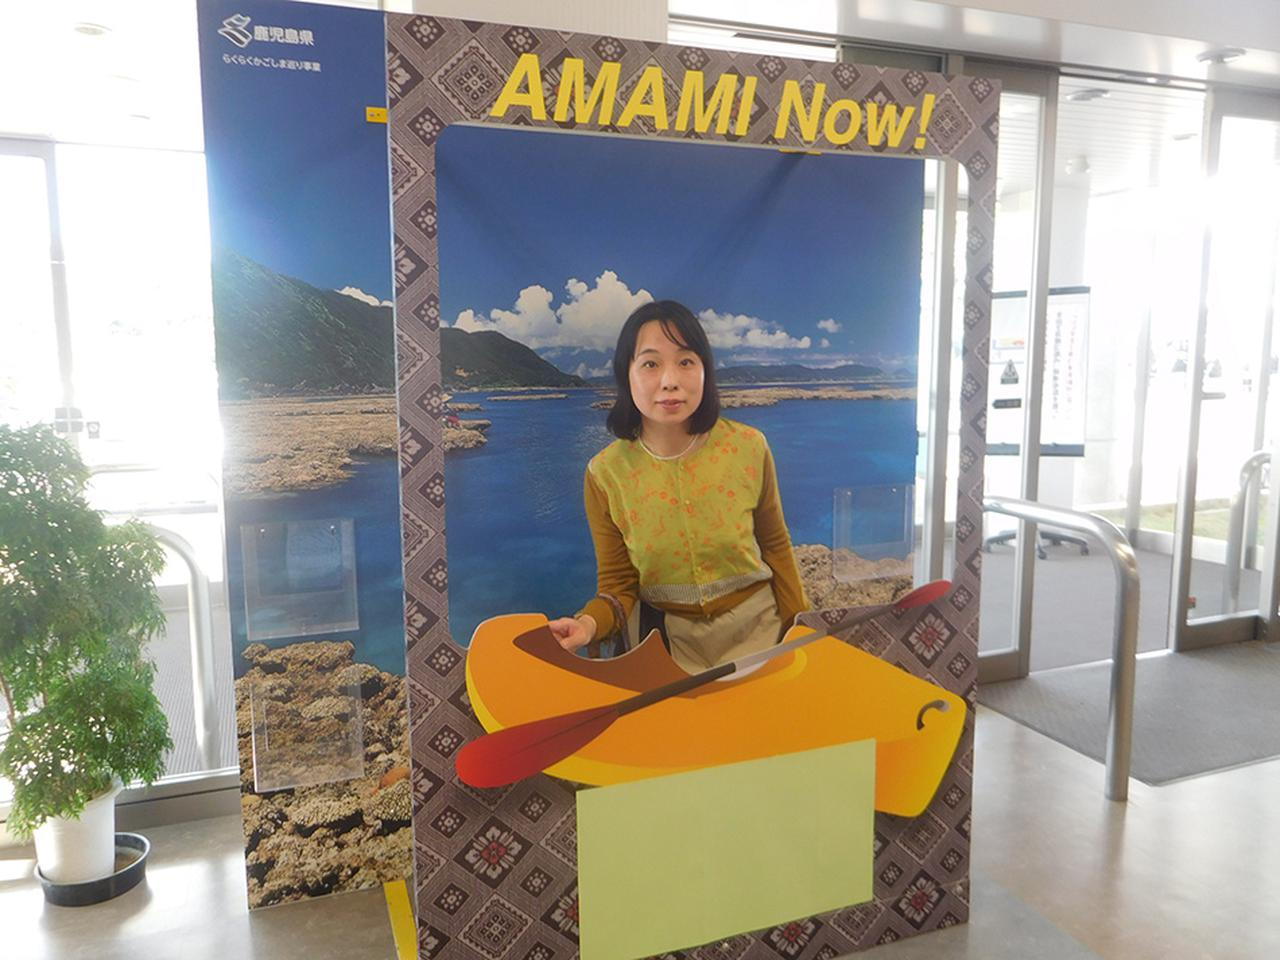 画像: 空港内のさり気ないフォトスポット。奄美大島に来たという実感がじわじわきます。